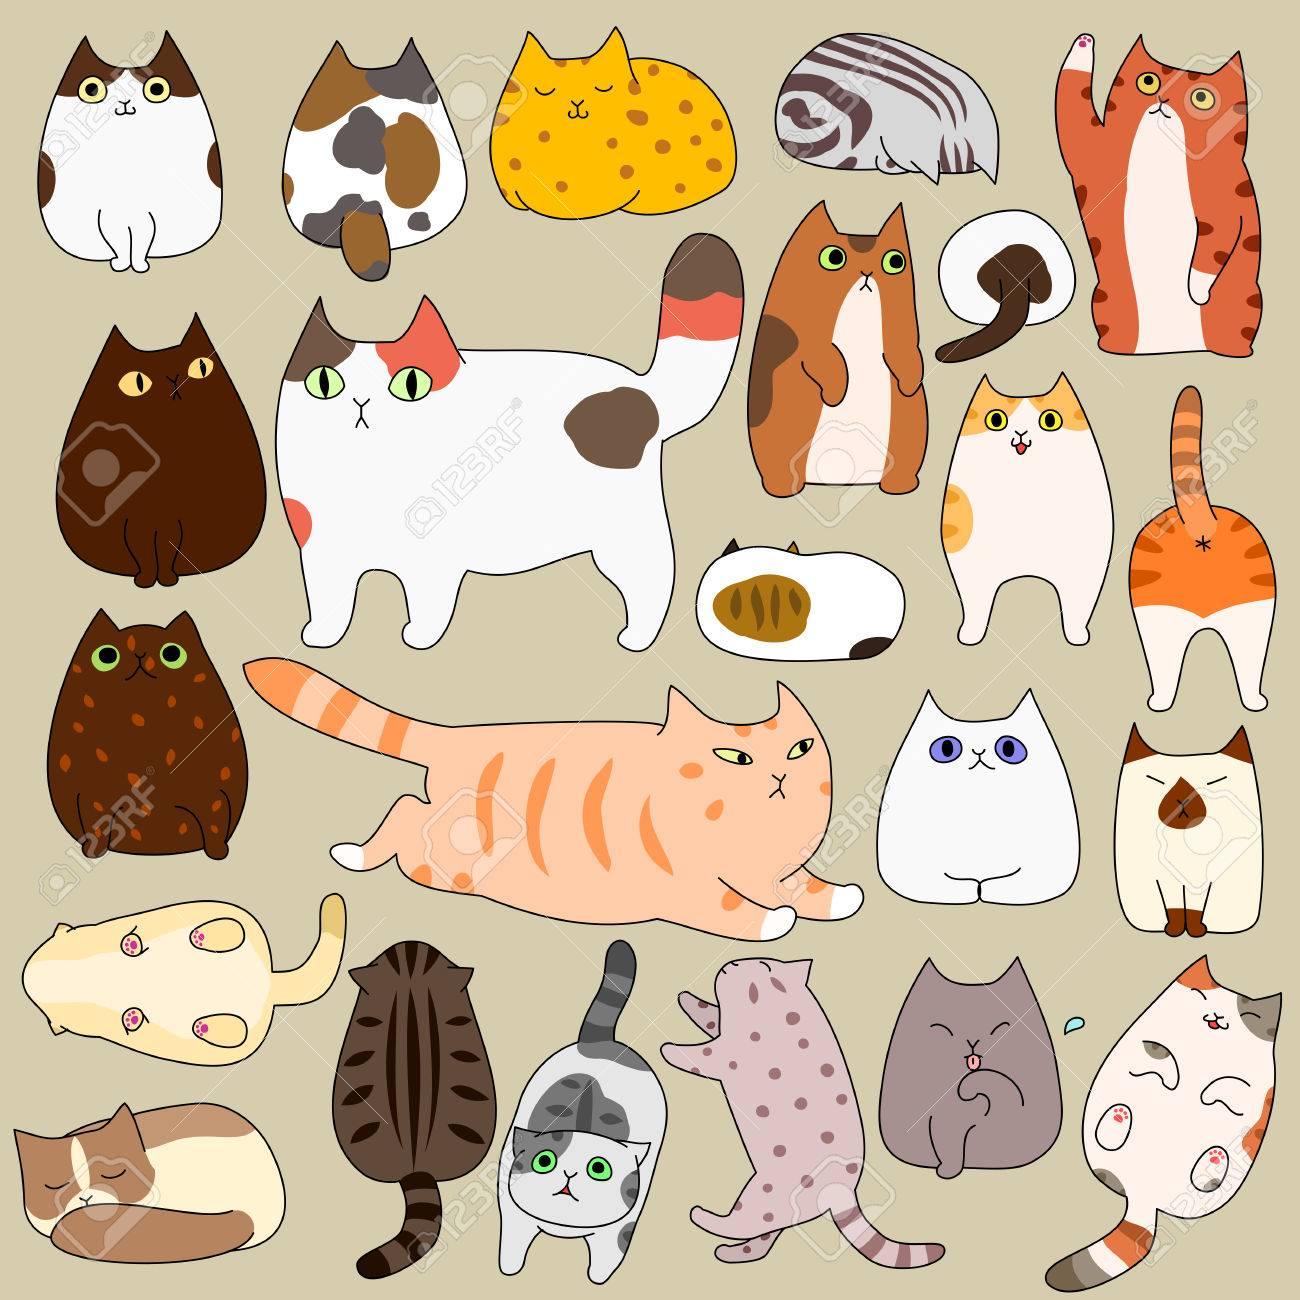 かわいい猫ポーズ落書きセットのイラスト素材 ベクタ Image 0662